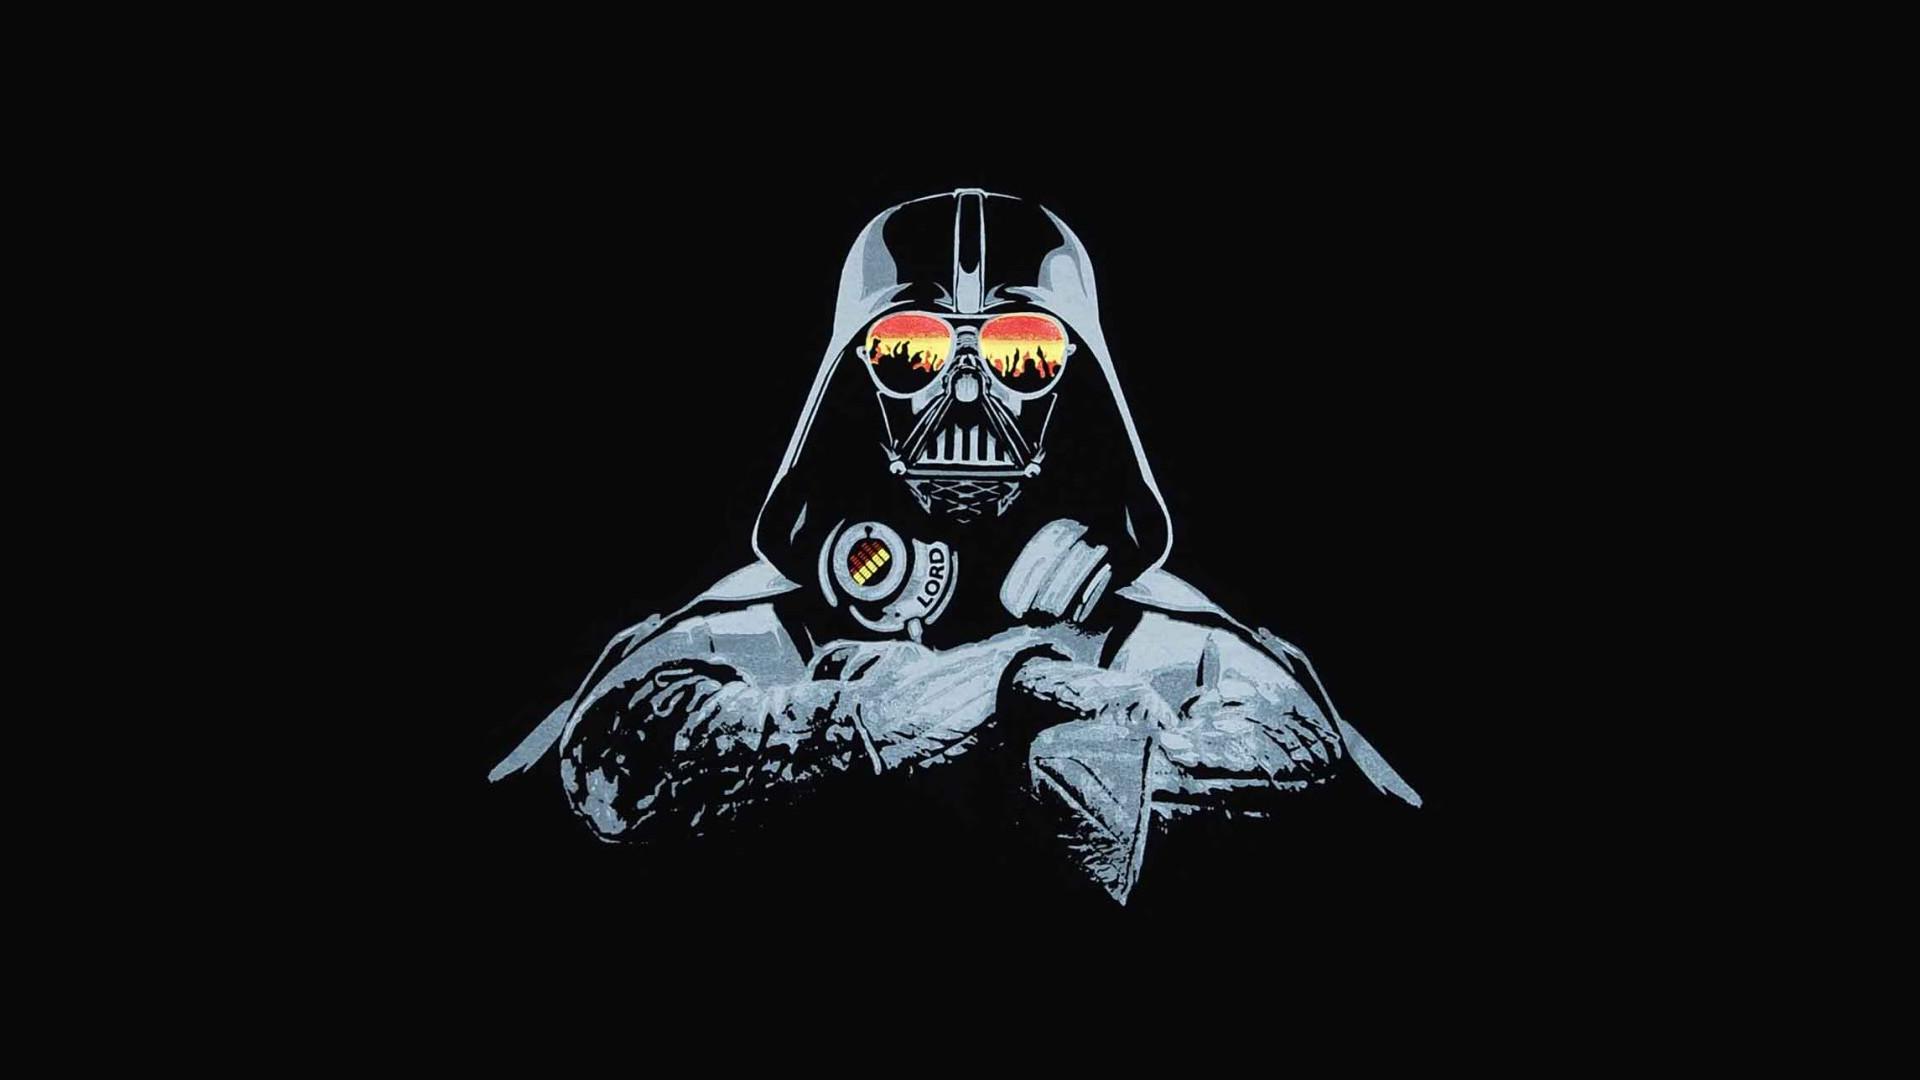 DJ Darth Vader